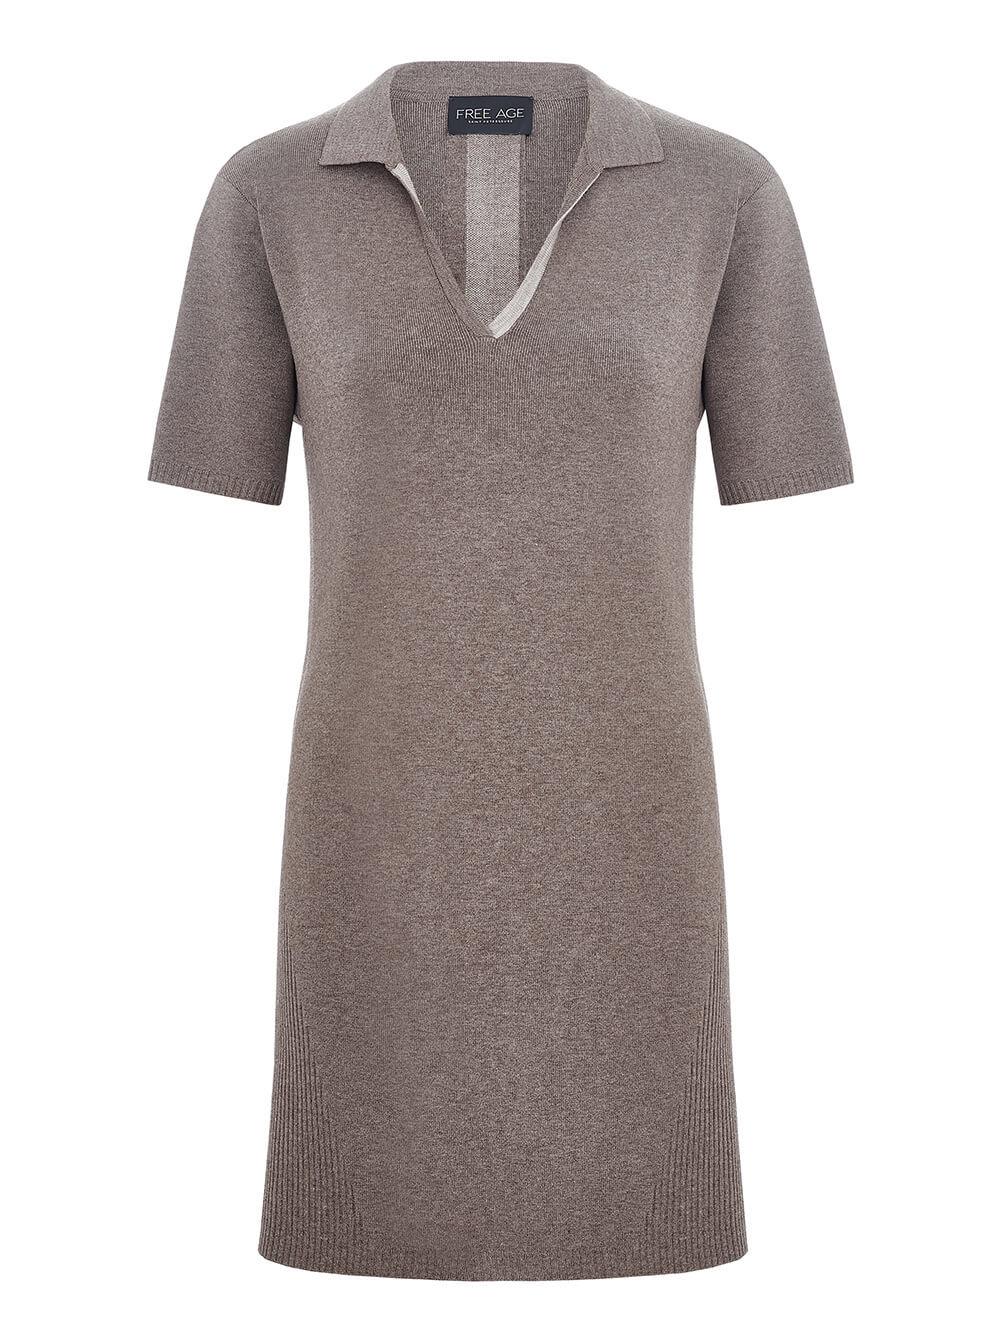 Женское платье темно-кофейного цвета из вискозы - фото 1